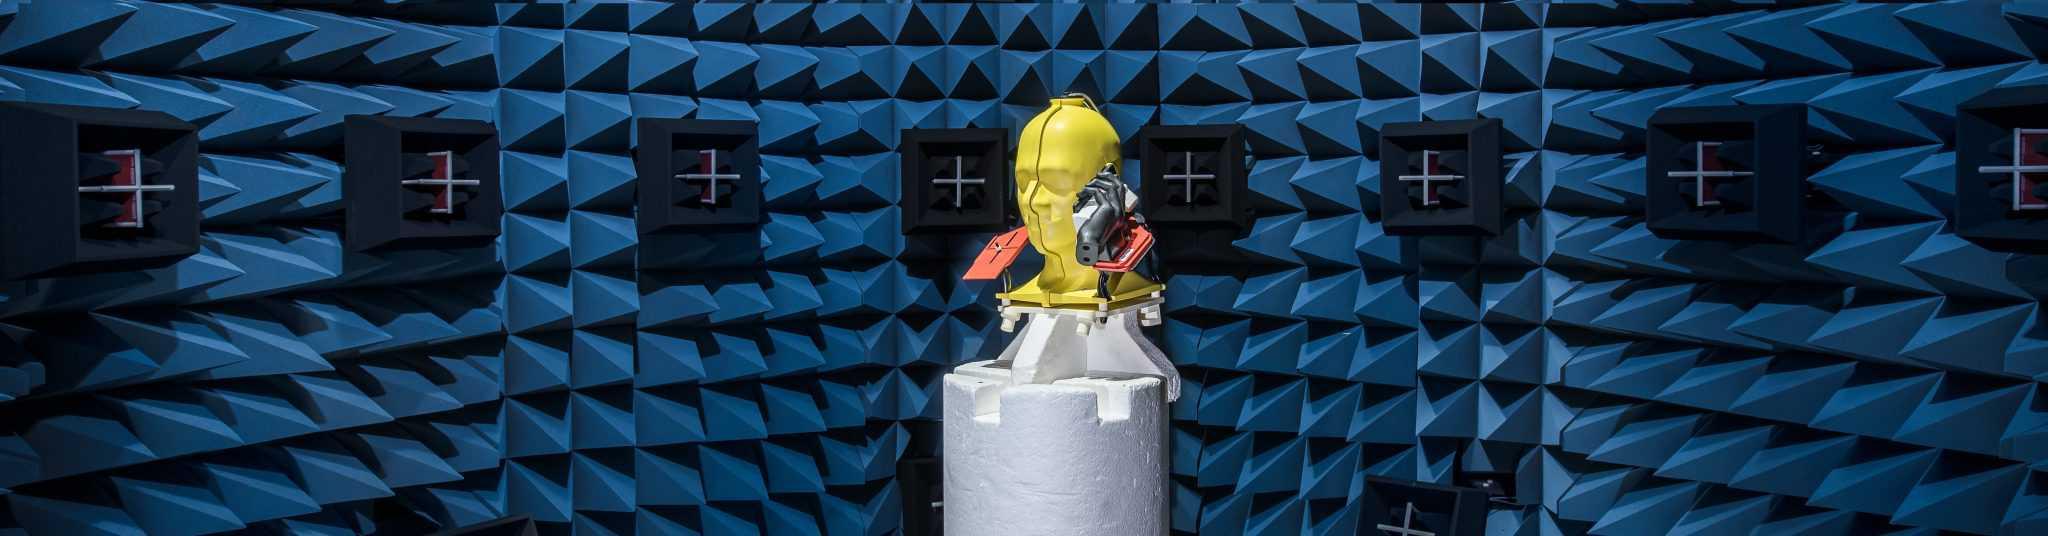 Yellow OTA robot in OTA laboratory